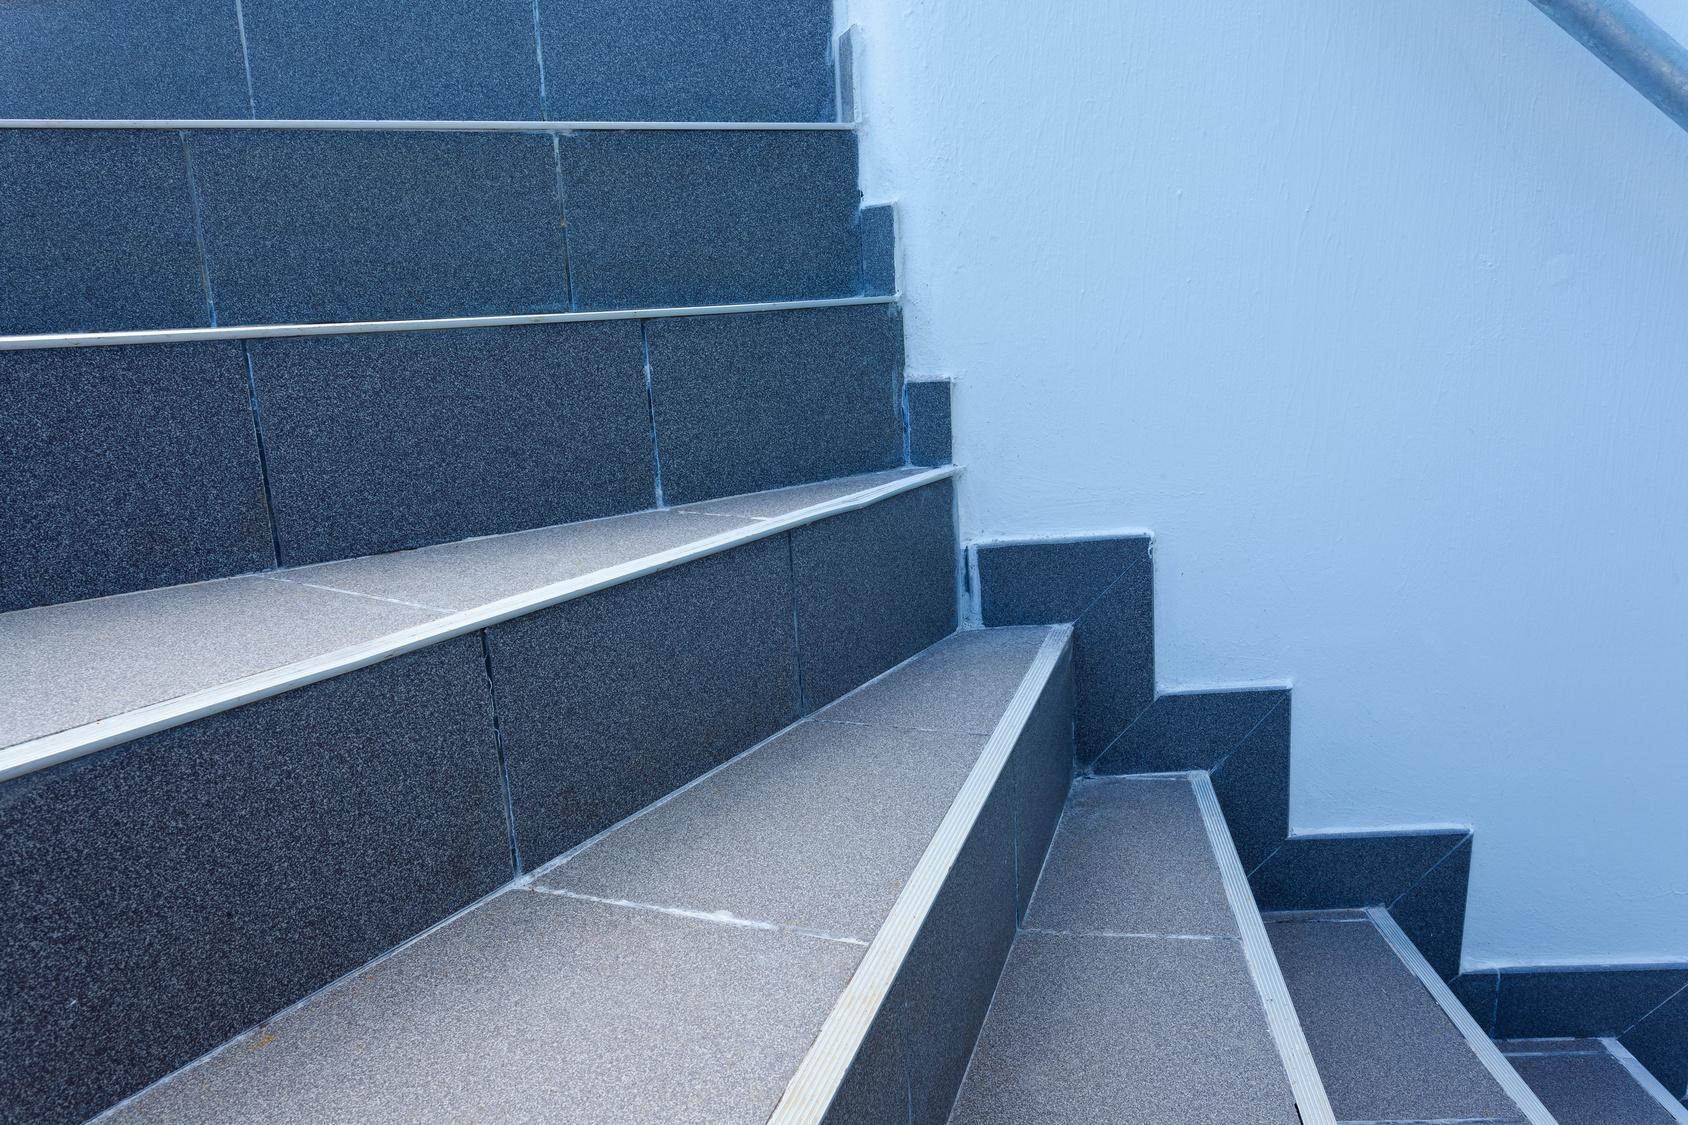 Le Carrelage Pour Un Escalier : Dans Quel Cas Et Comment Le ... destiné Carrelage Escalier Extérieur